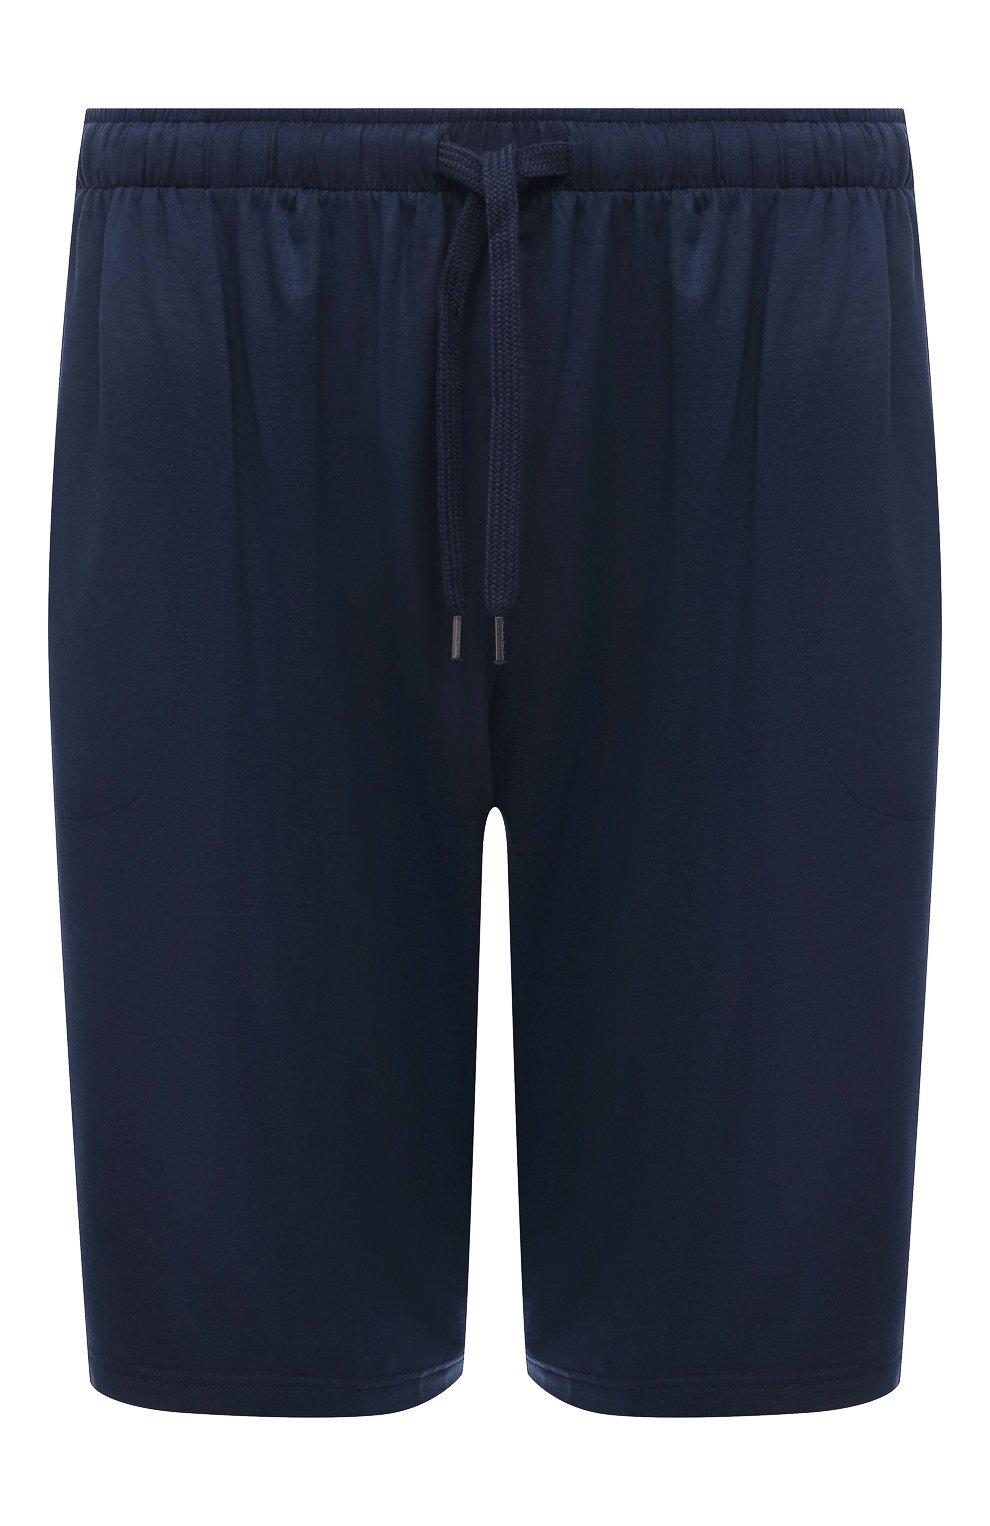 Мужские домашние шорты DEREK ROSE синего цвета, арт. 3559-BASE001 | Фото 1 (Кросс-КТ: домашняя одежда; Материал внешний: Синтетический материал)